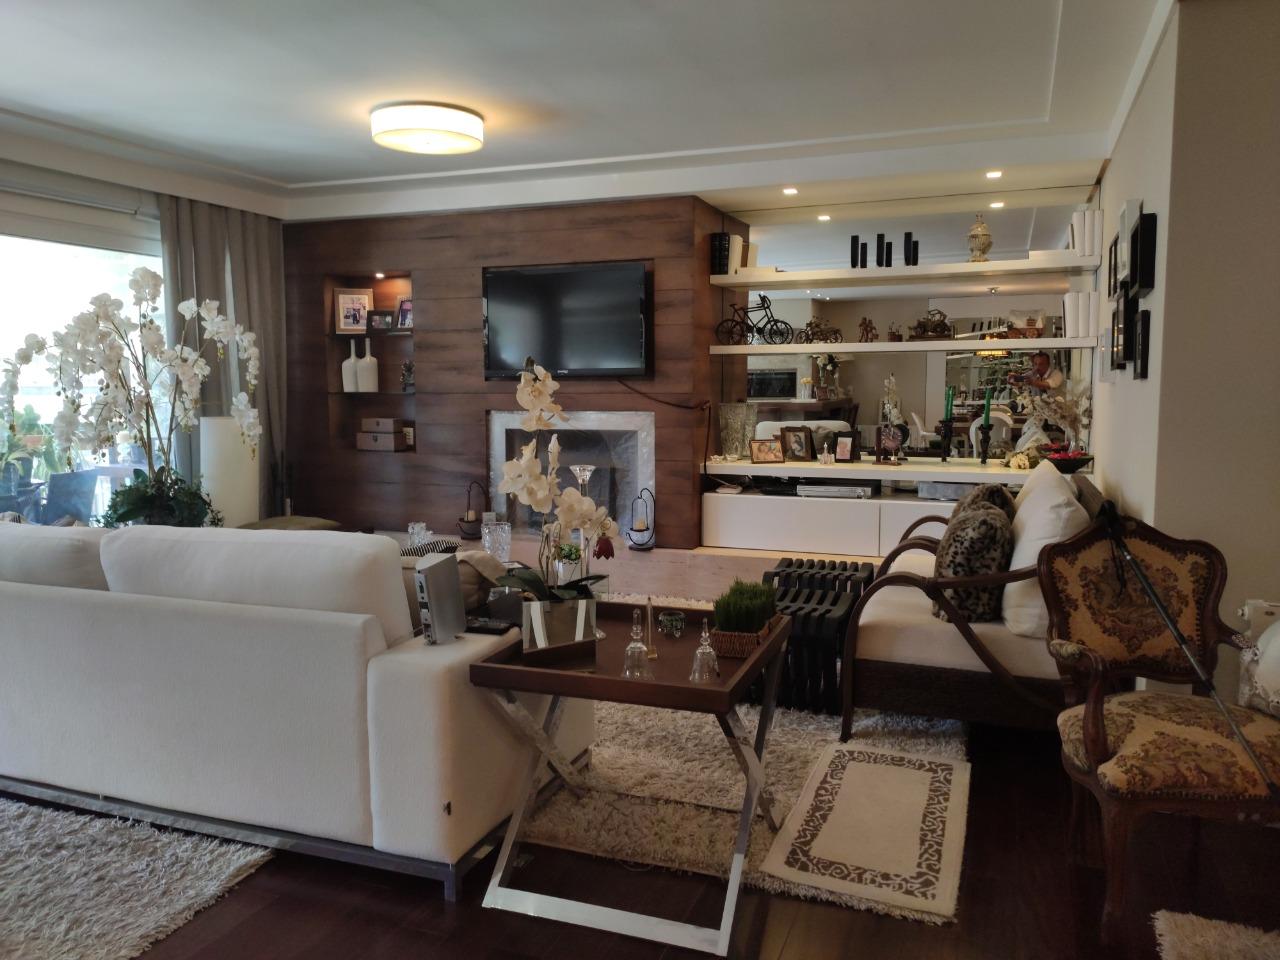 Apartamento com 3 Dormitórios à venda, 224 m² por R$ 2.600.000,00